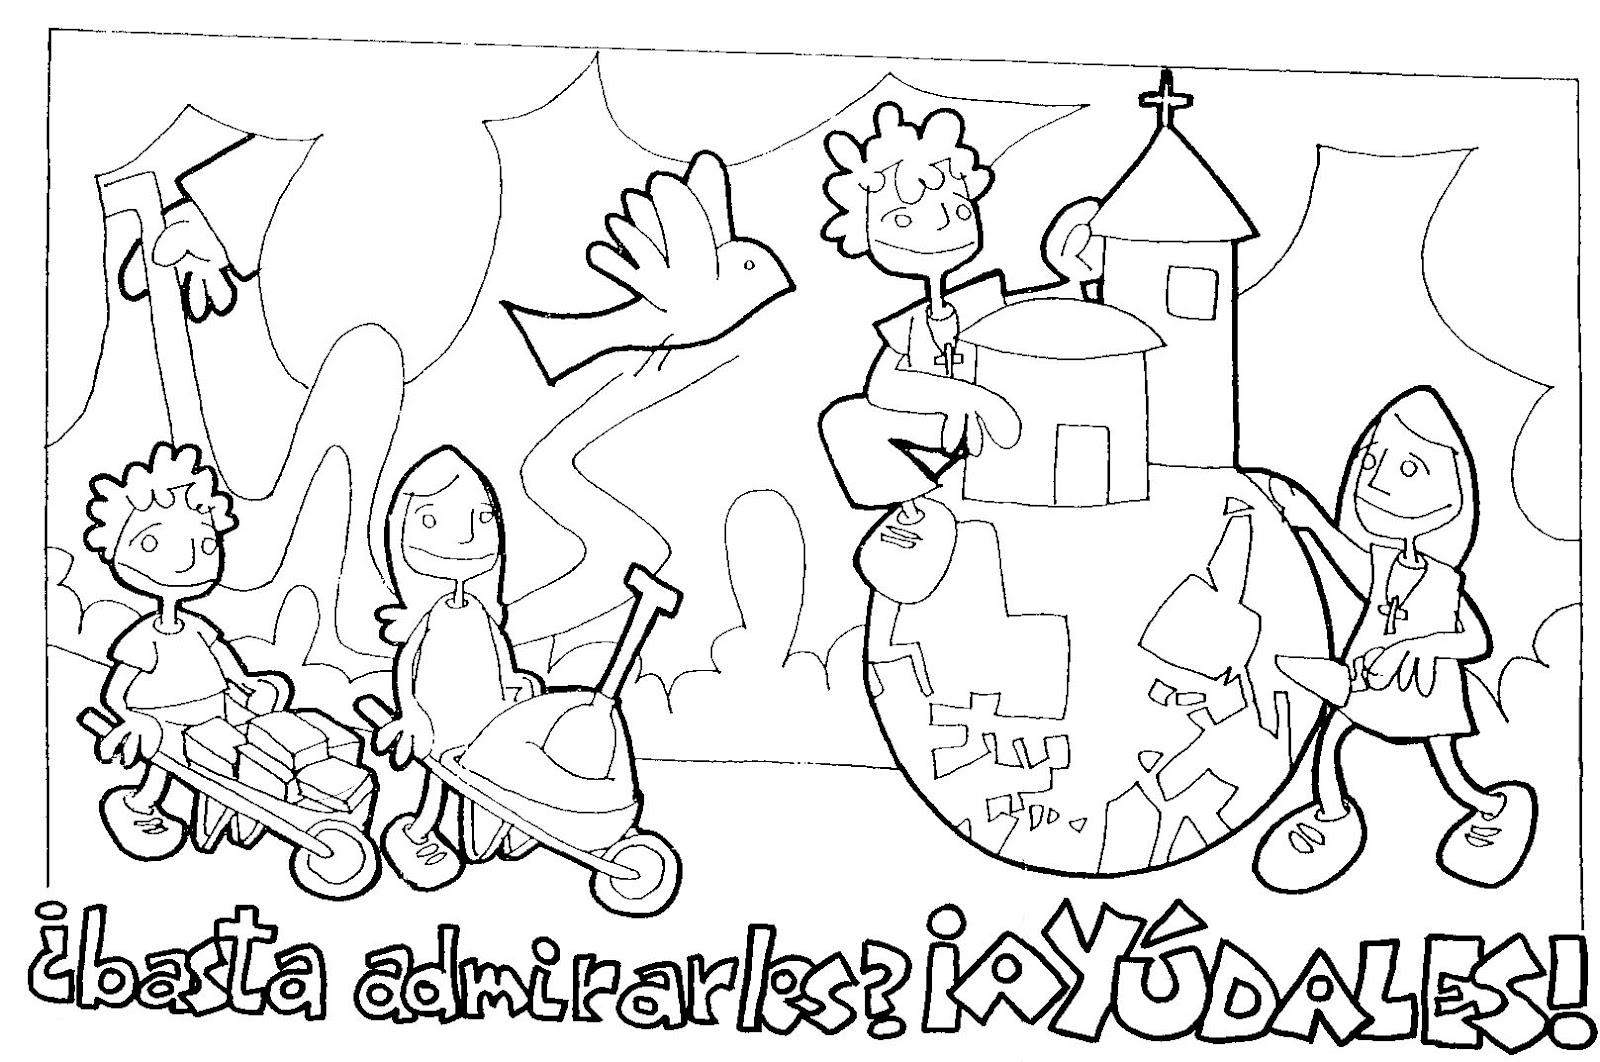 Las Misiones Y Los Niños Dibujos Para Colorear De Niños: ReliArtes: Dibujos Domund